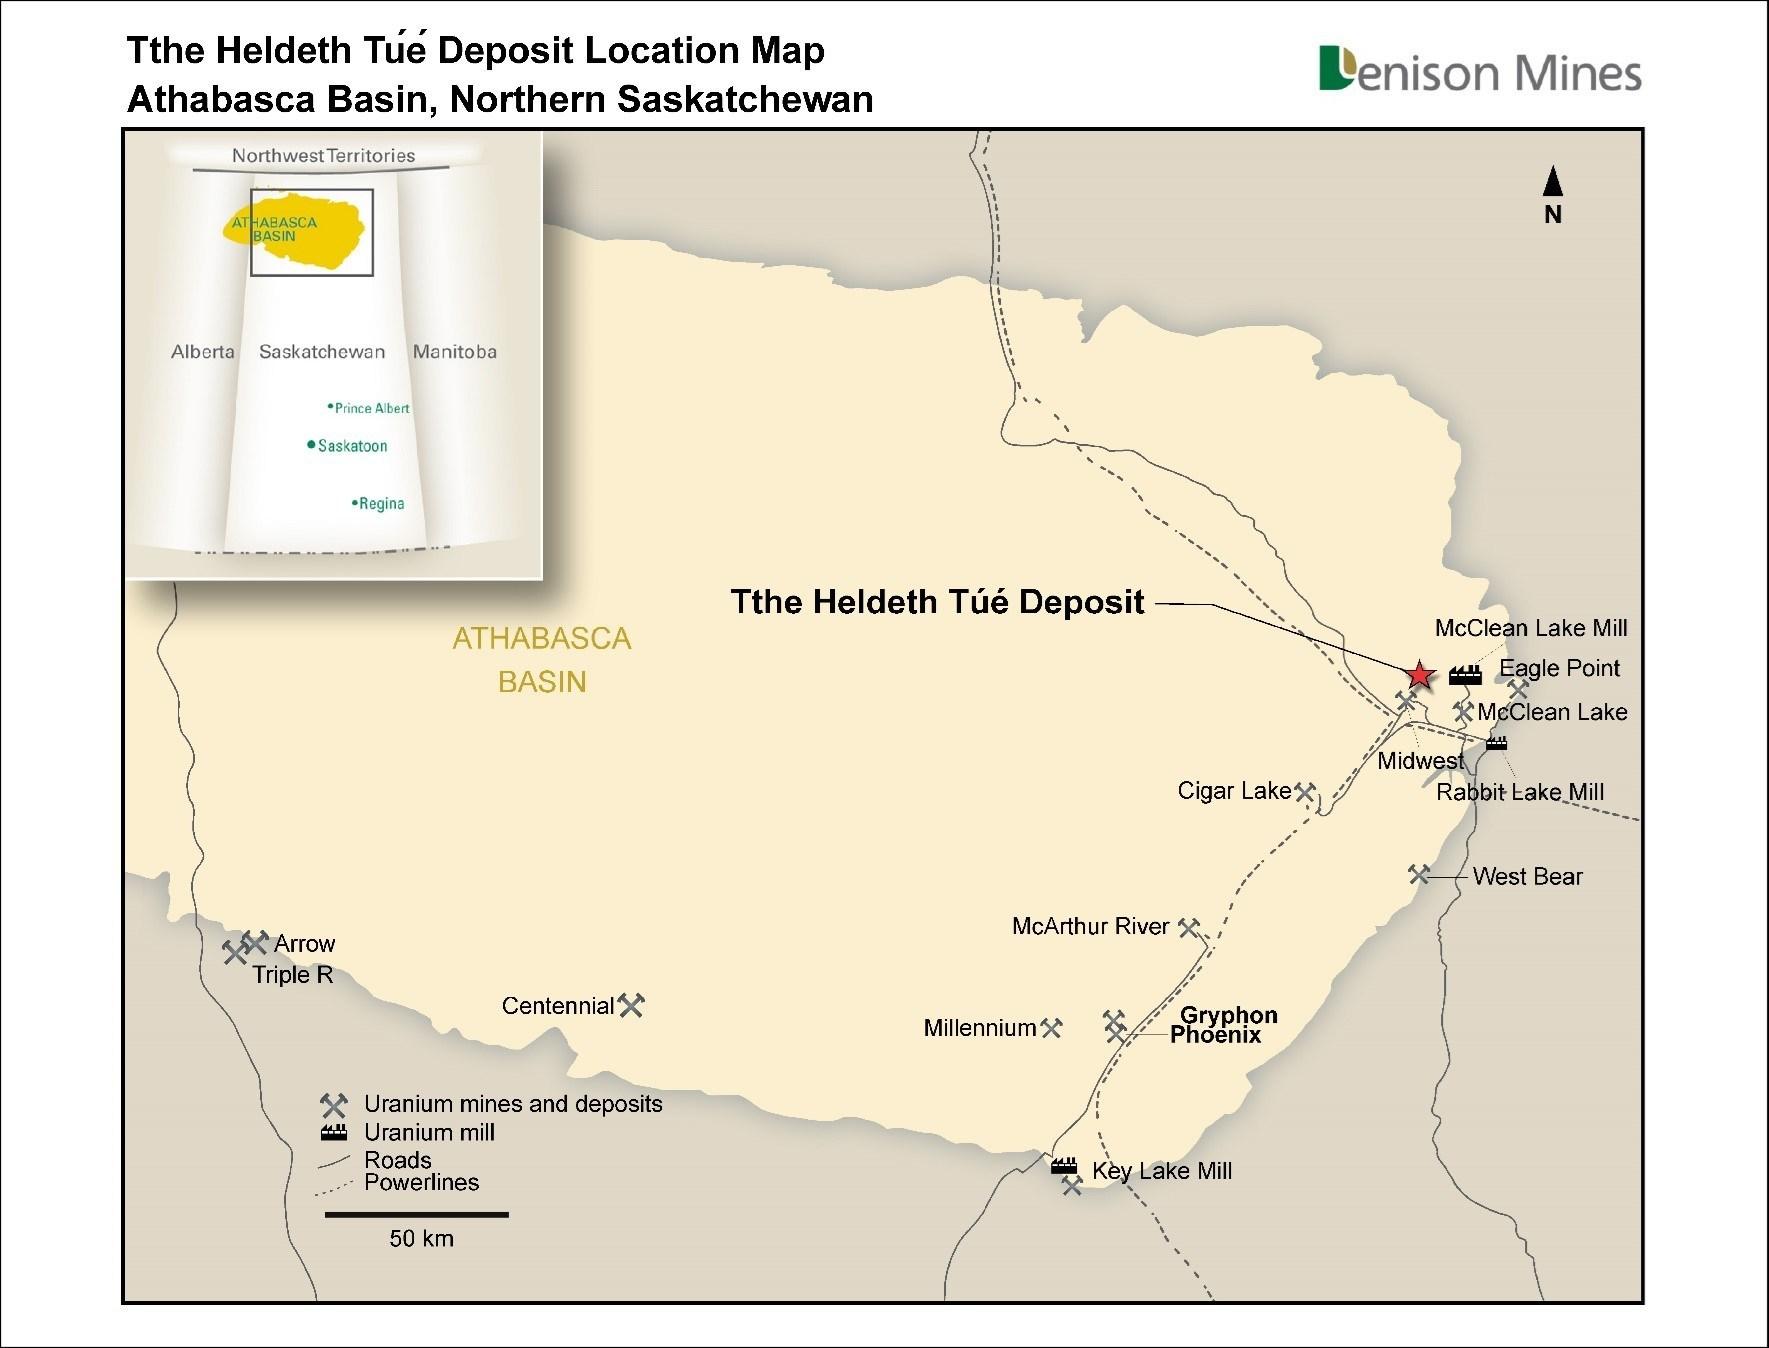 Figure 3 Tthe Heldeth Túé Deposit (Waterbury Lake) Regional Location Map (CNW Group/Denison Mines Corp.)